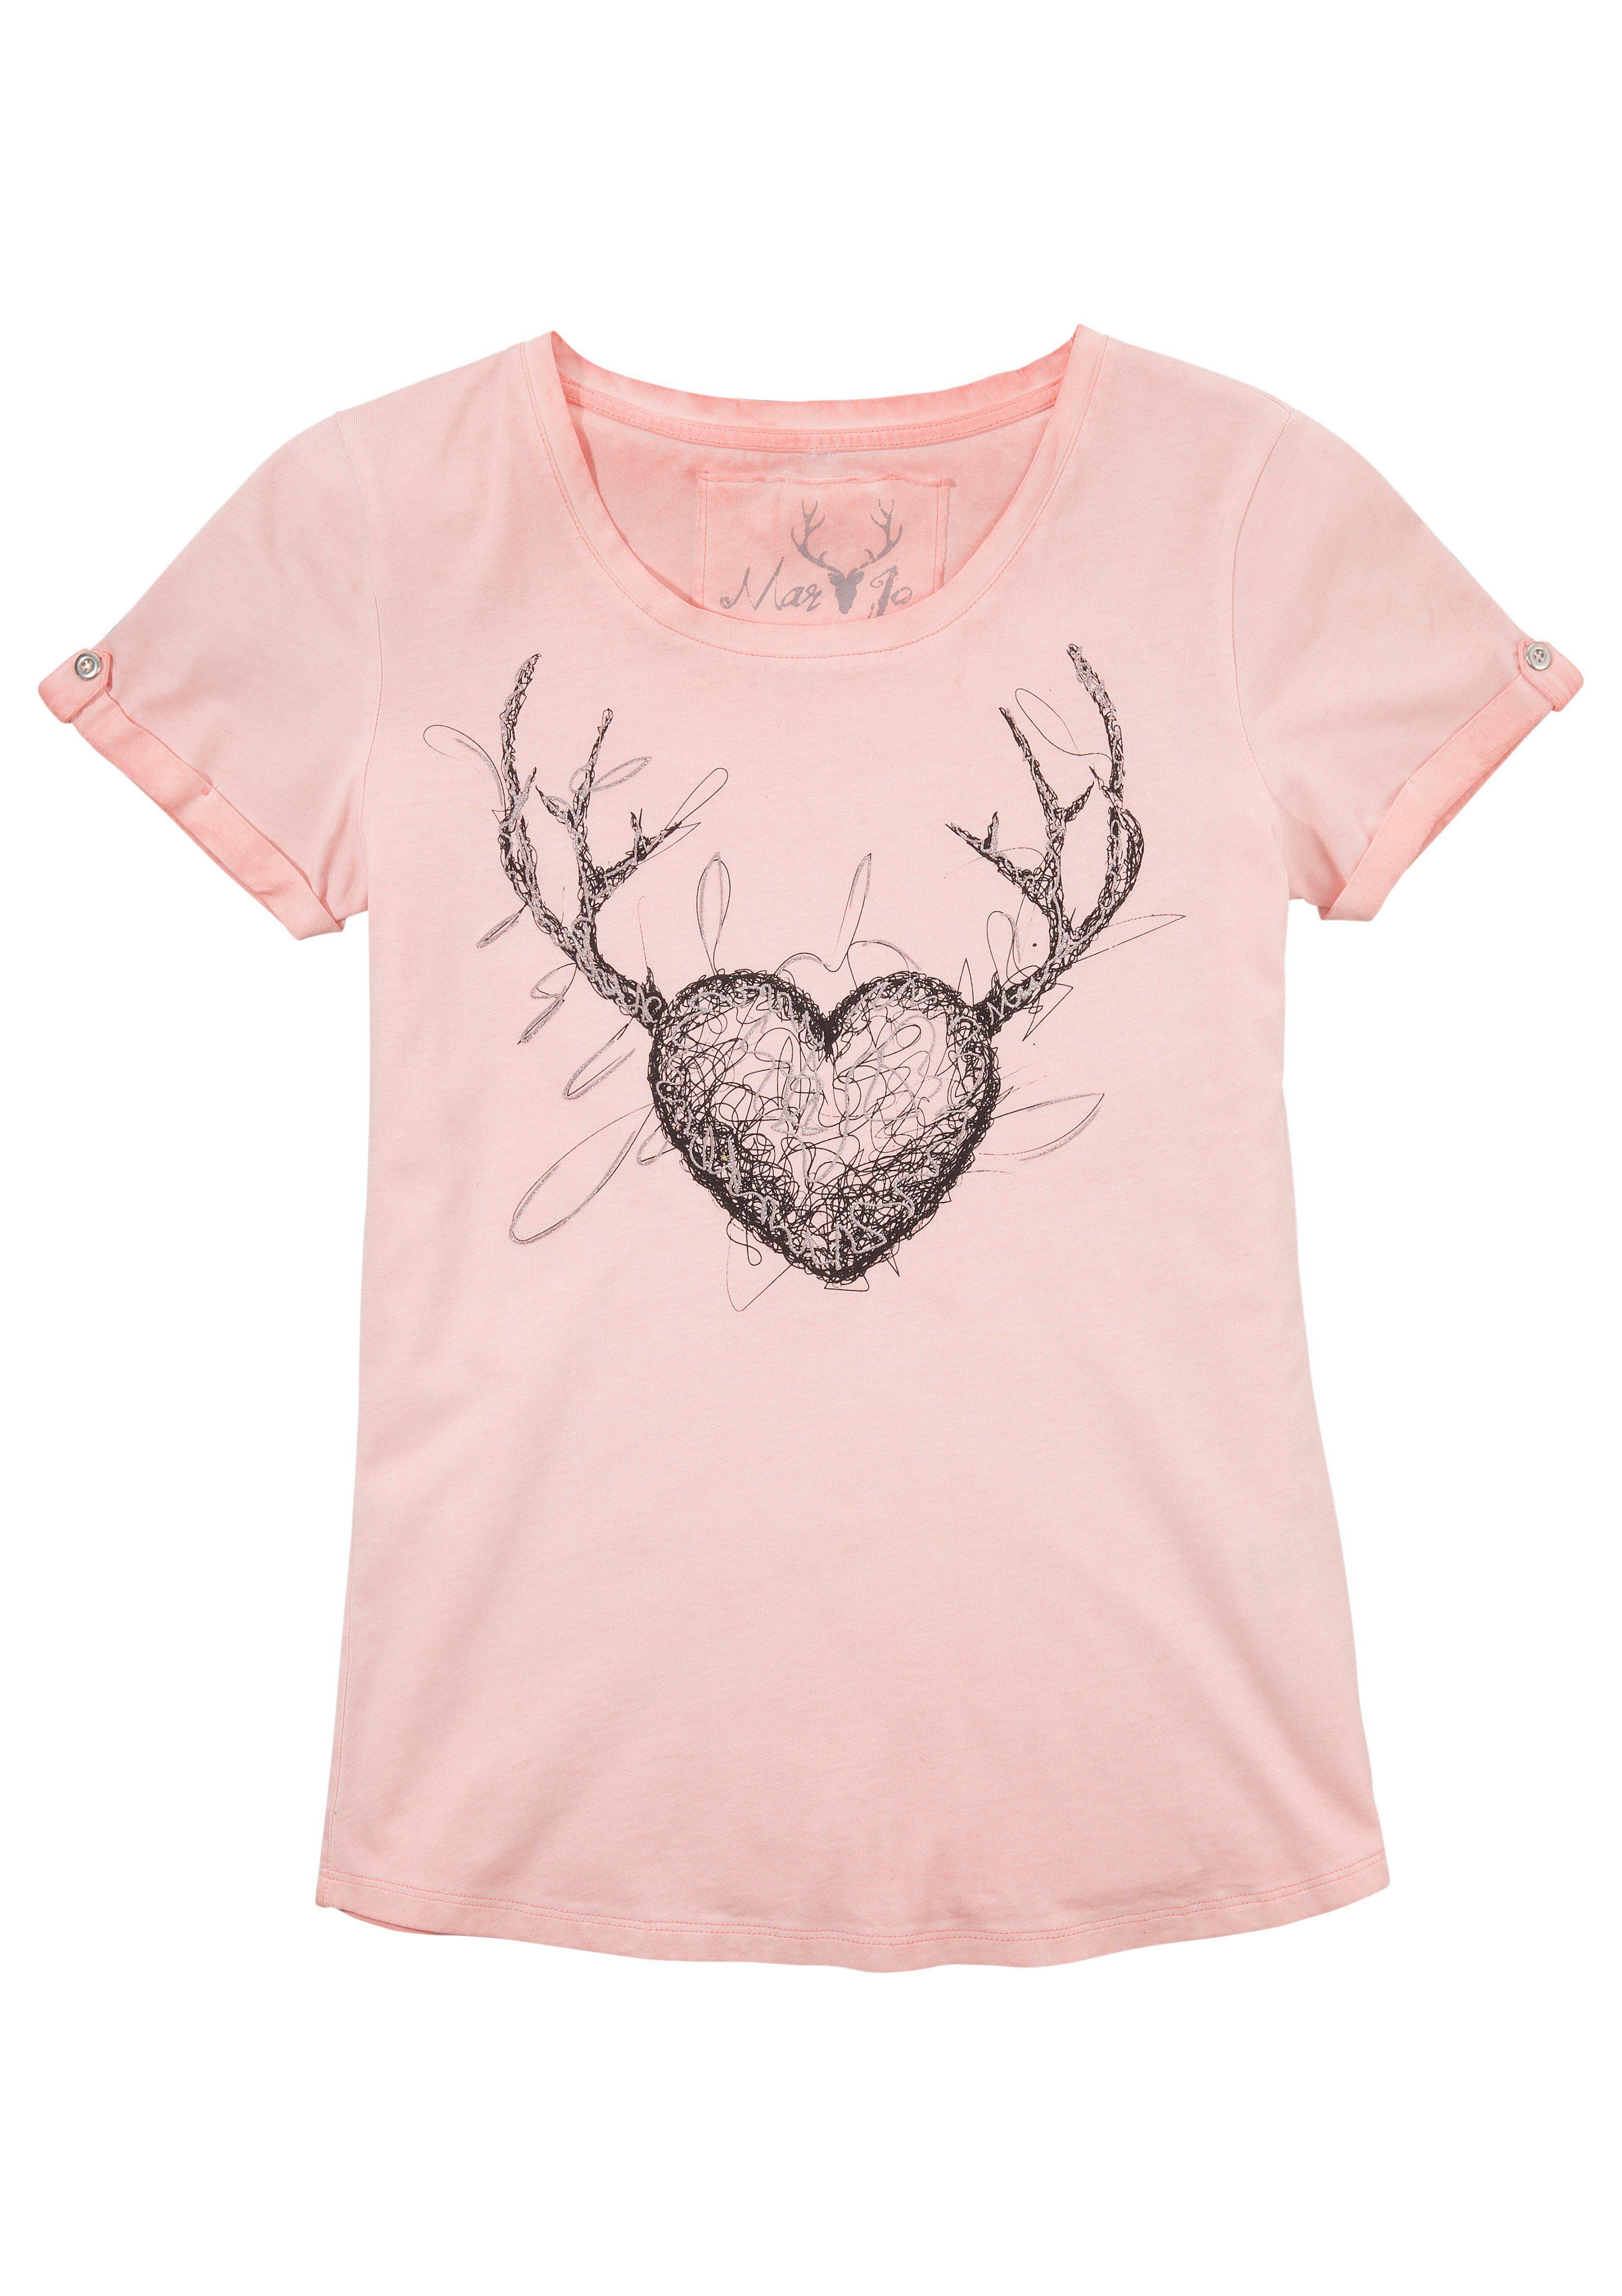 Marjo Trachtenshirt Damen mit Motiv und Glitzerdruck Damenmode/Bekleidung/Trachtenmode/Trachtenshirts